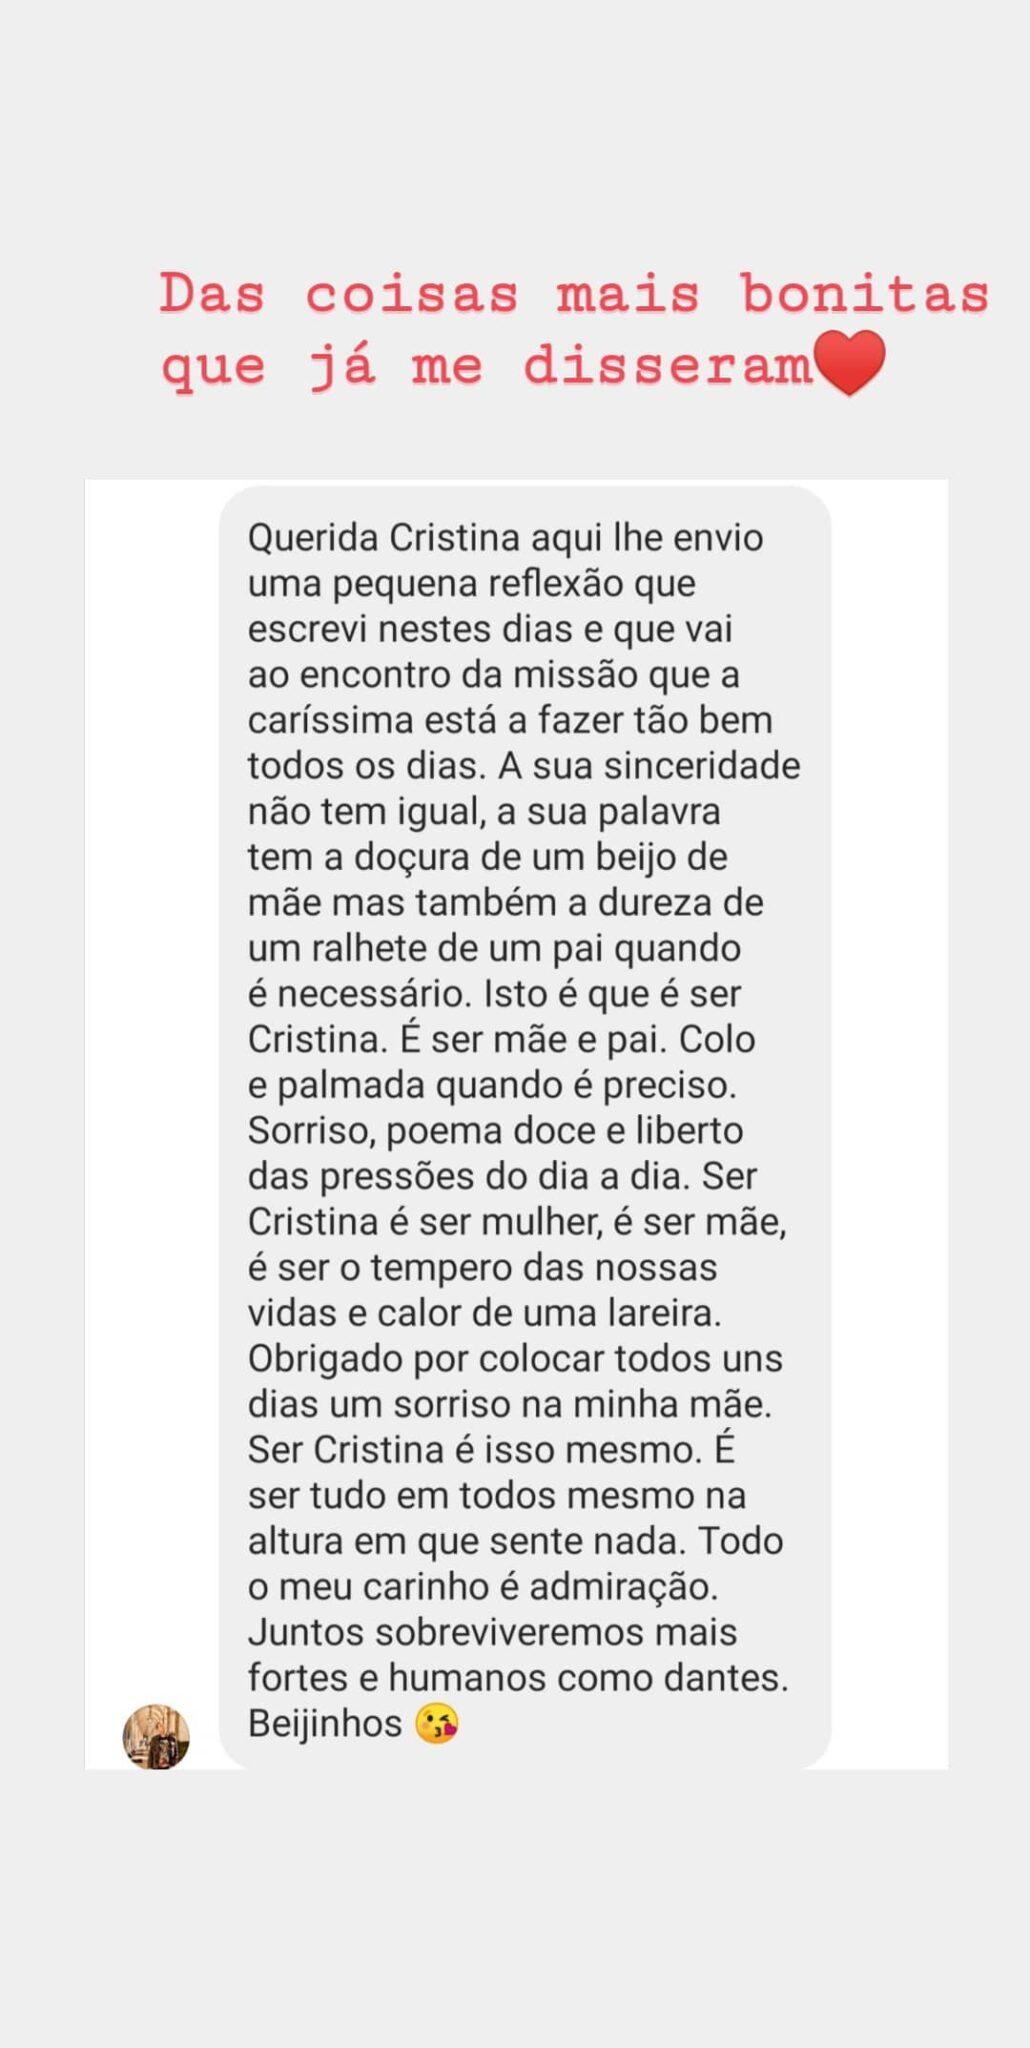 Cristina Ferreira Mensagem Fa 1 Scaled Cristina Ferreira Recebe Mensagem Emotiva De Fã: &Quot;Das Coisas Mais Bonitas Que Já Me Disseram&Quot;